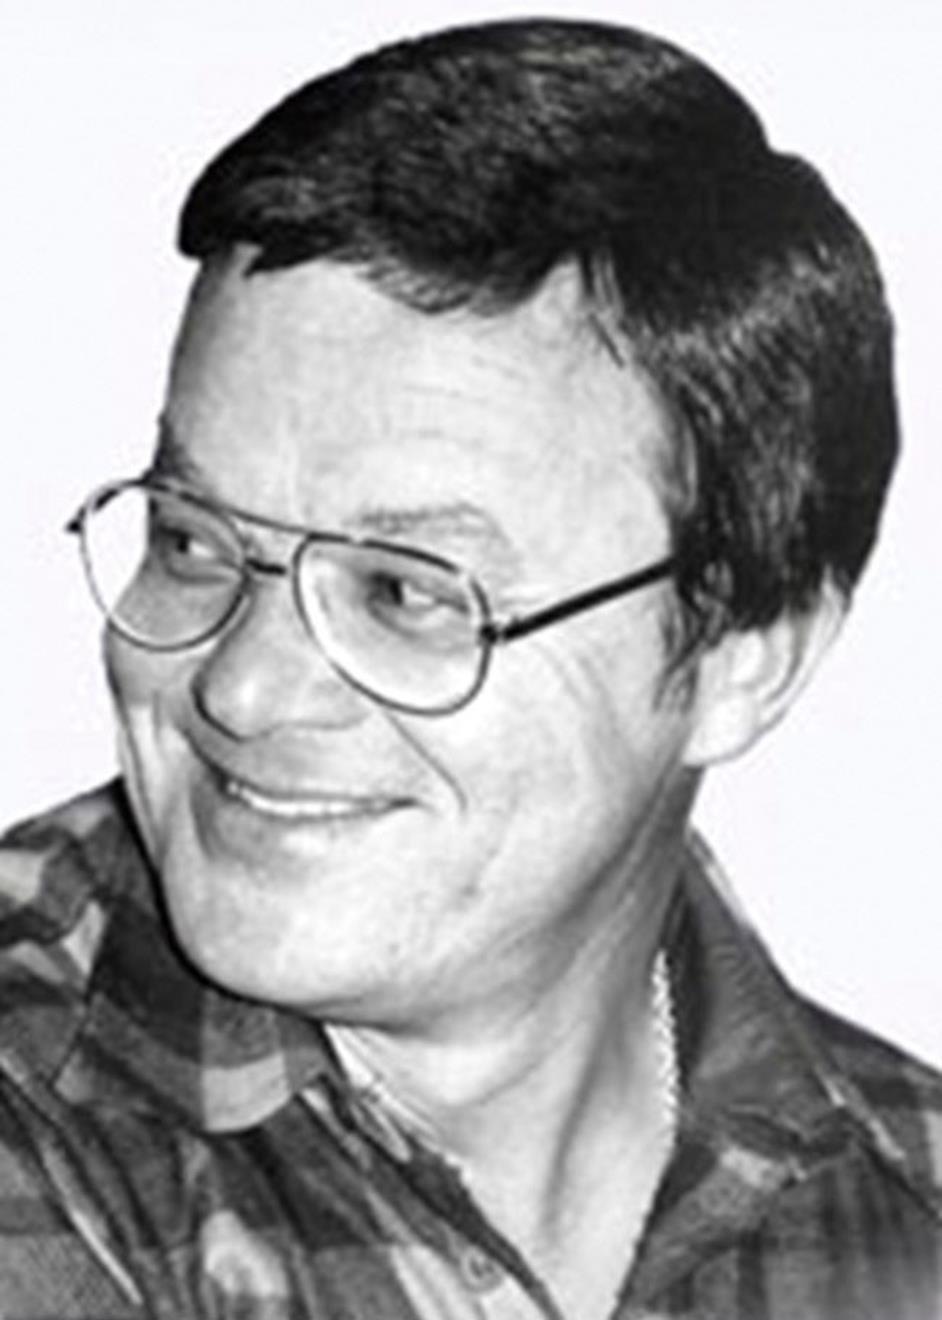 Dale Wood